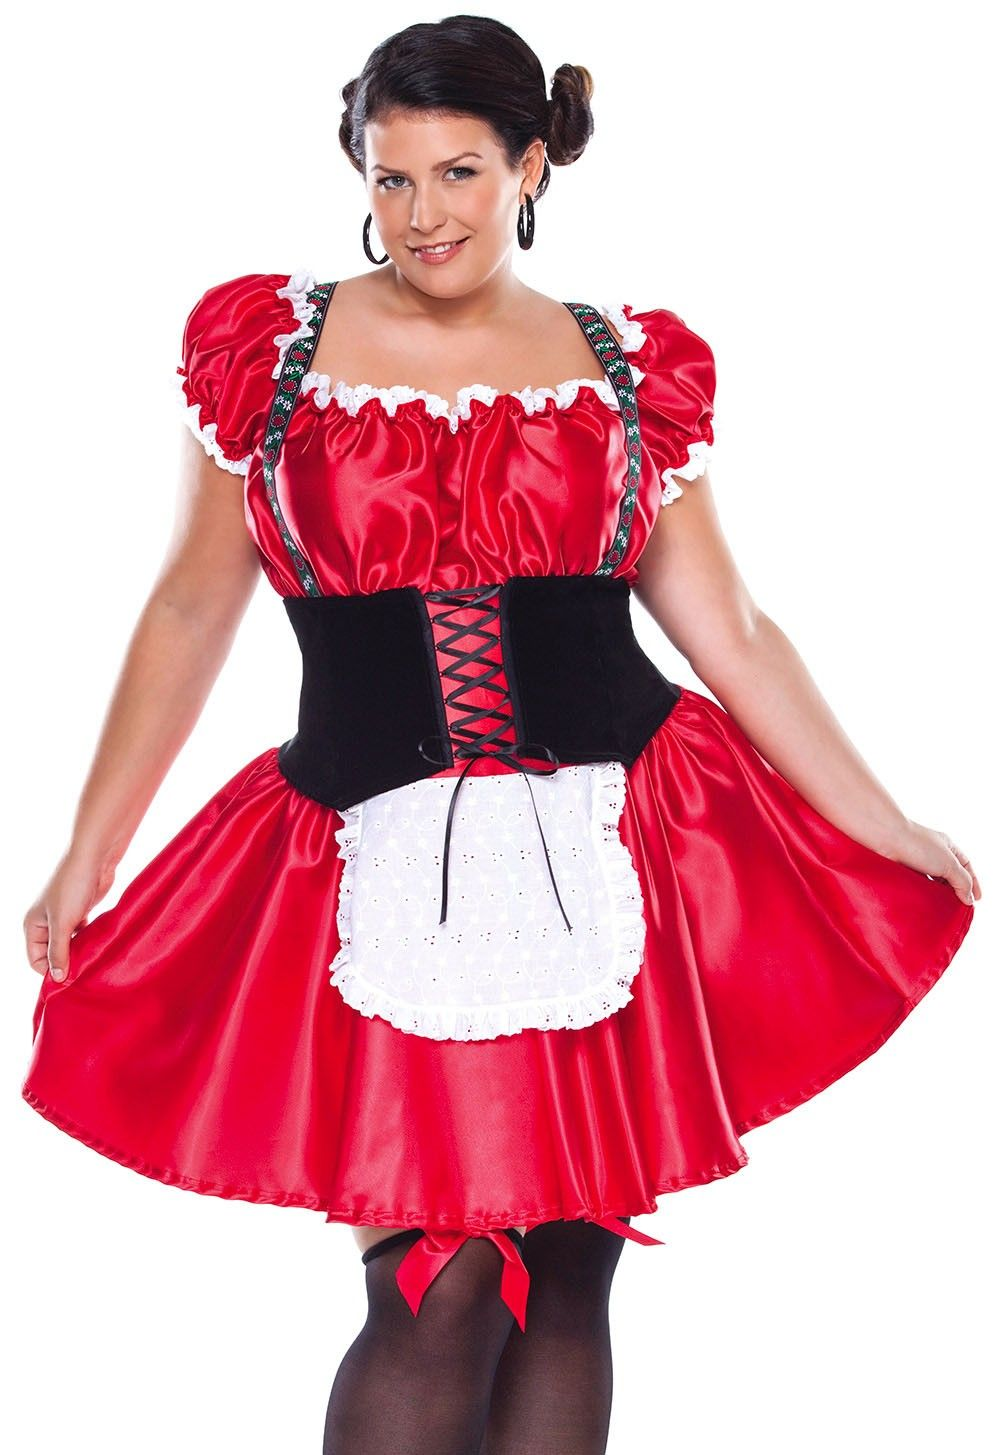 14+ Bavarian dress plus size ideas in 2021